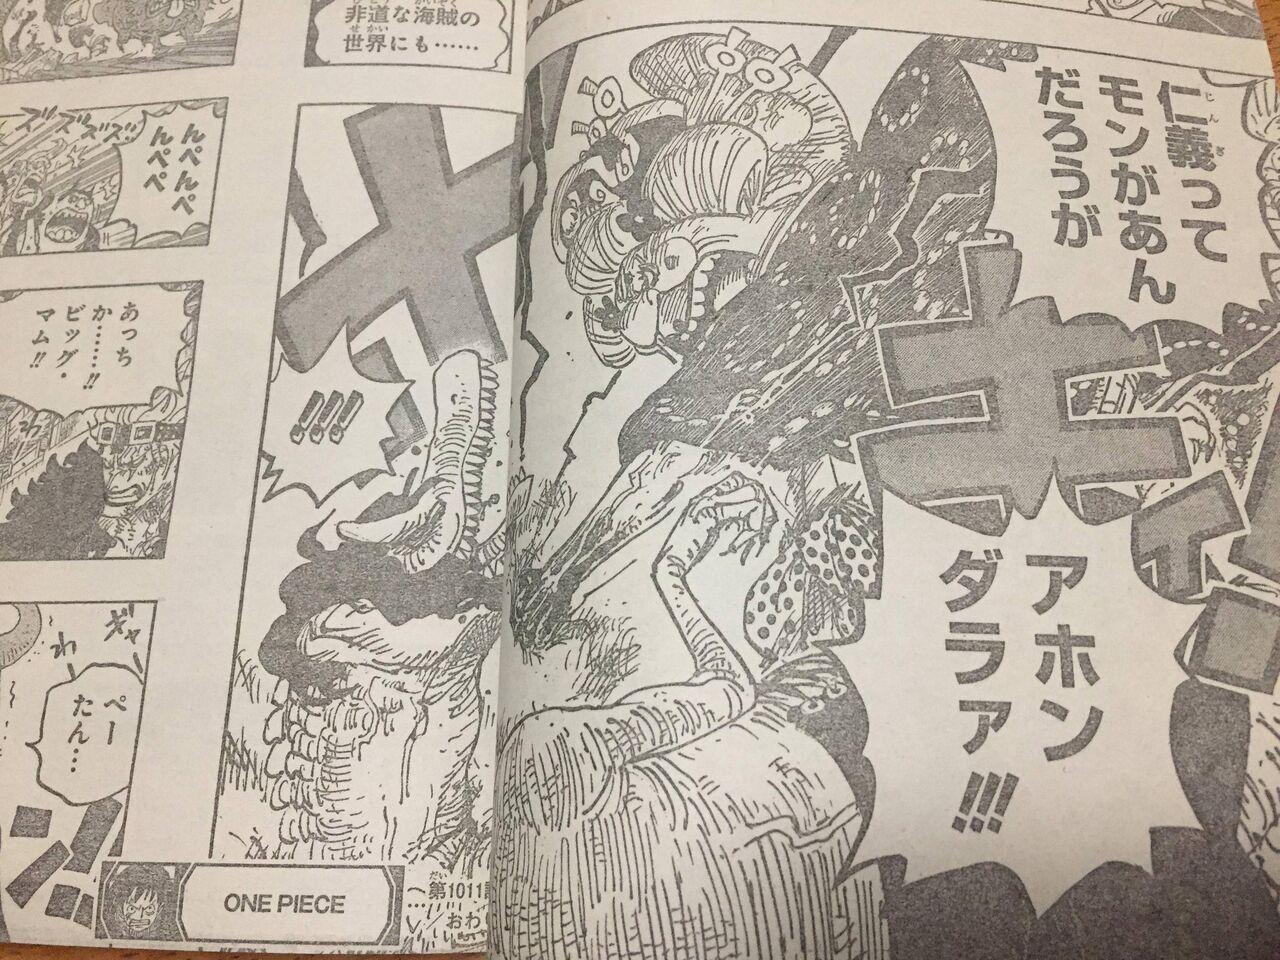 【ワンピース】ビッグマムさん カイドウとの同盟解消か!!!?